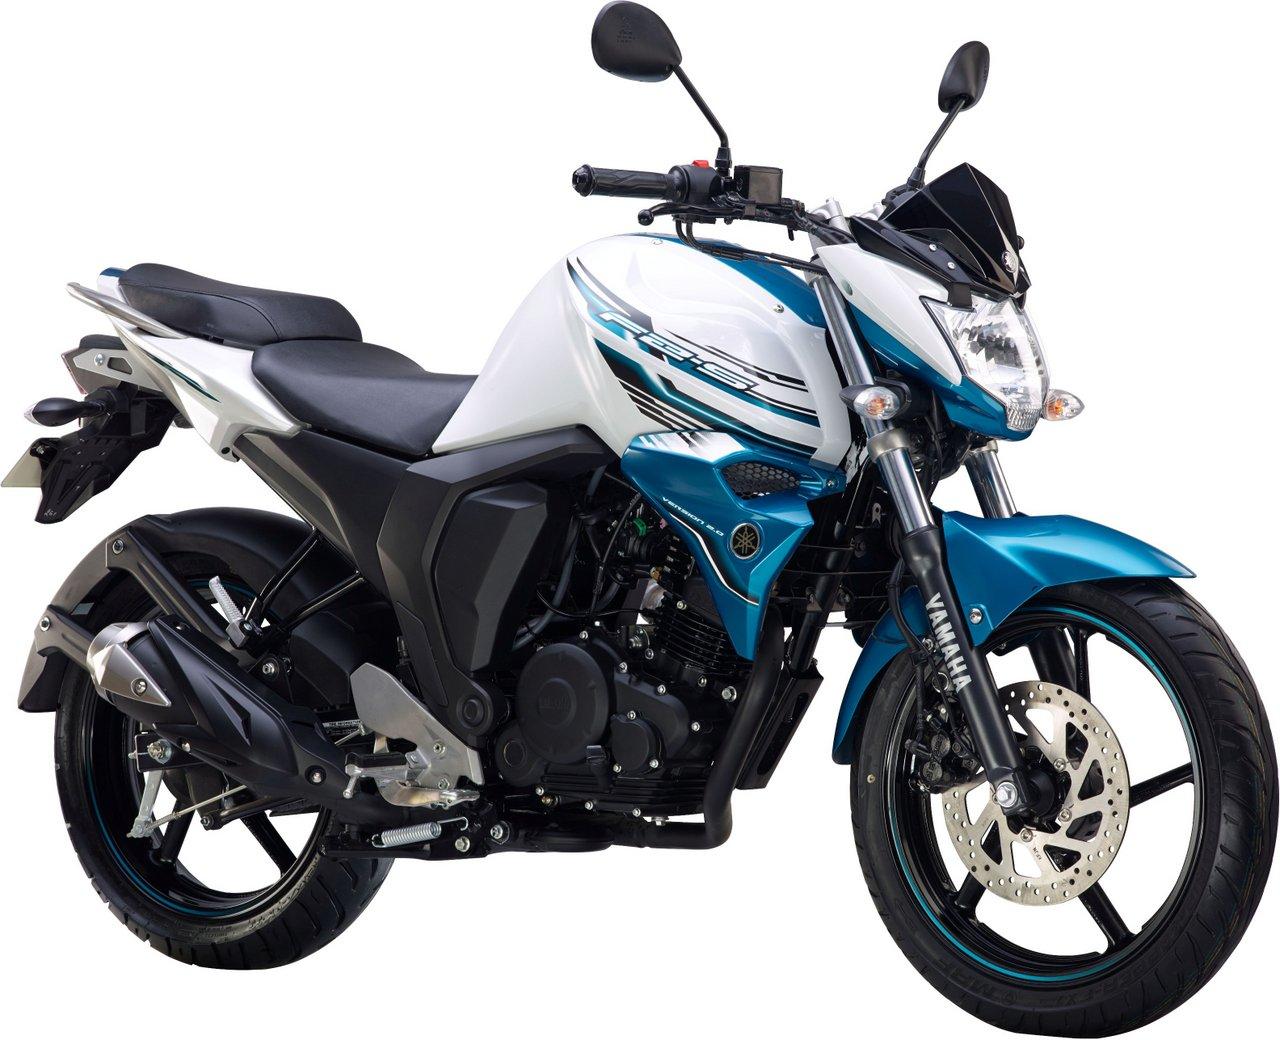 2015-Yamaha-FZ-S-FI-Shark-White